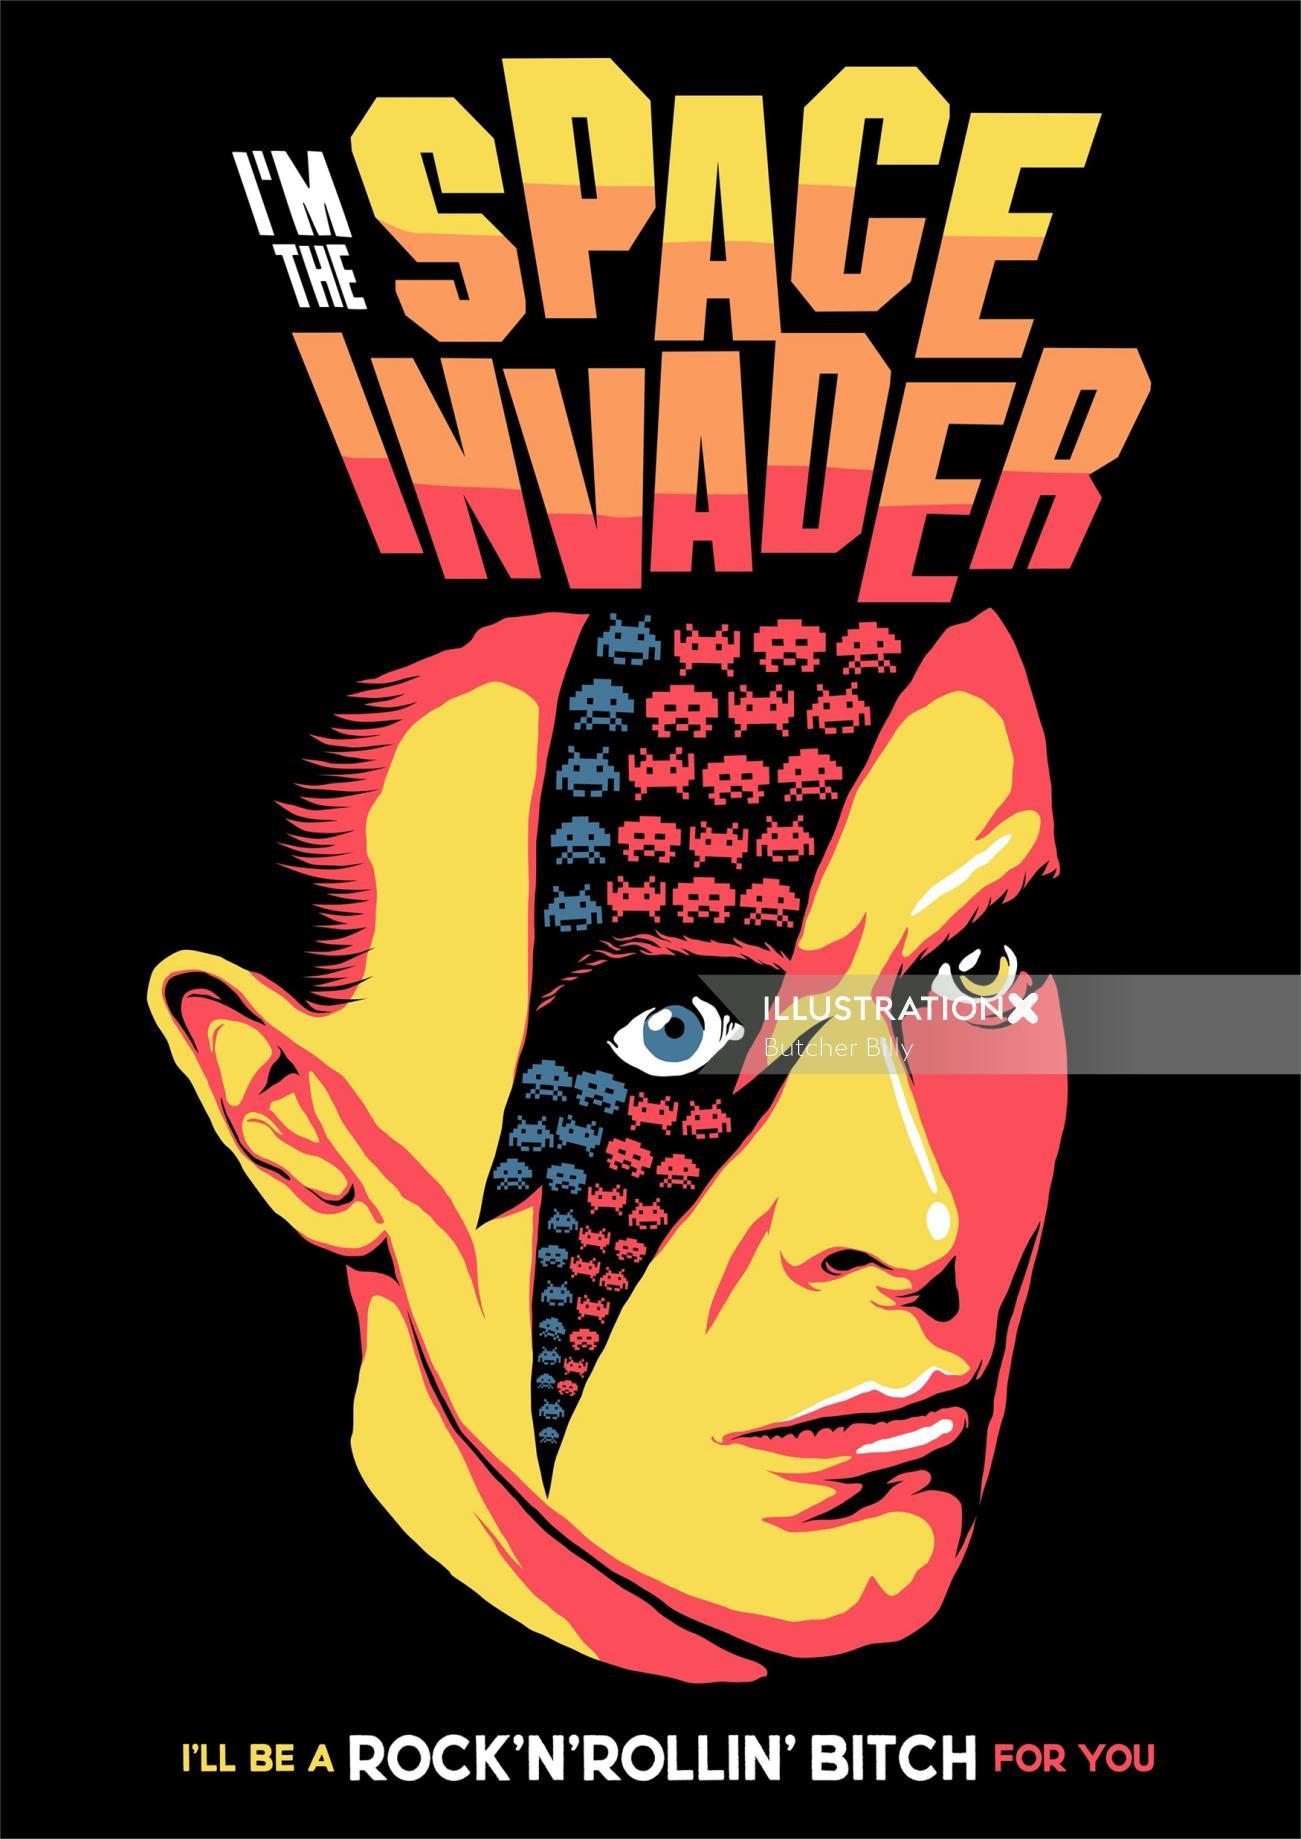 Digital illustration of space invader